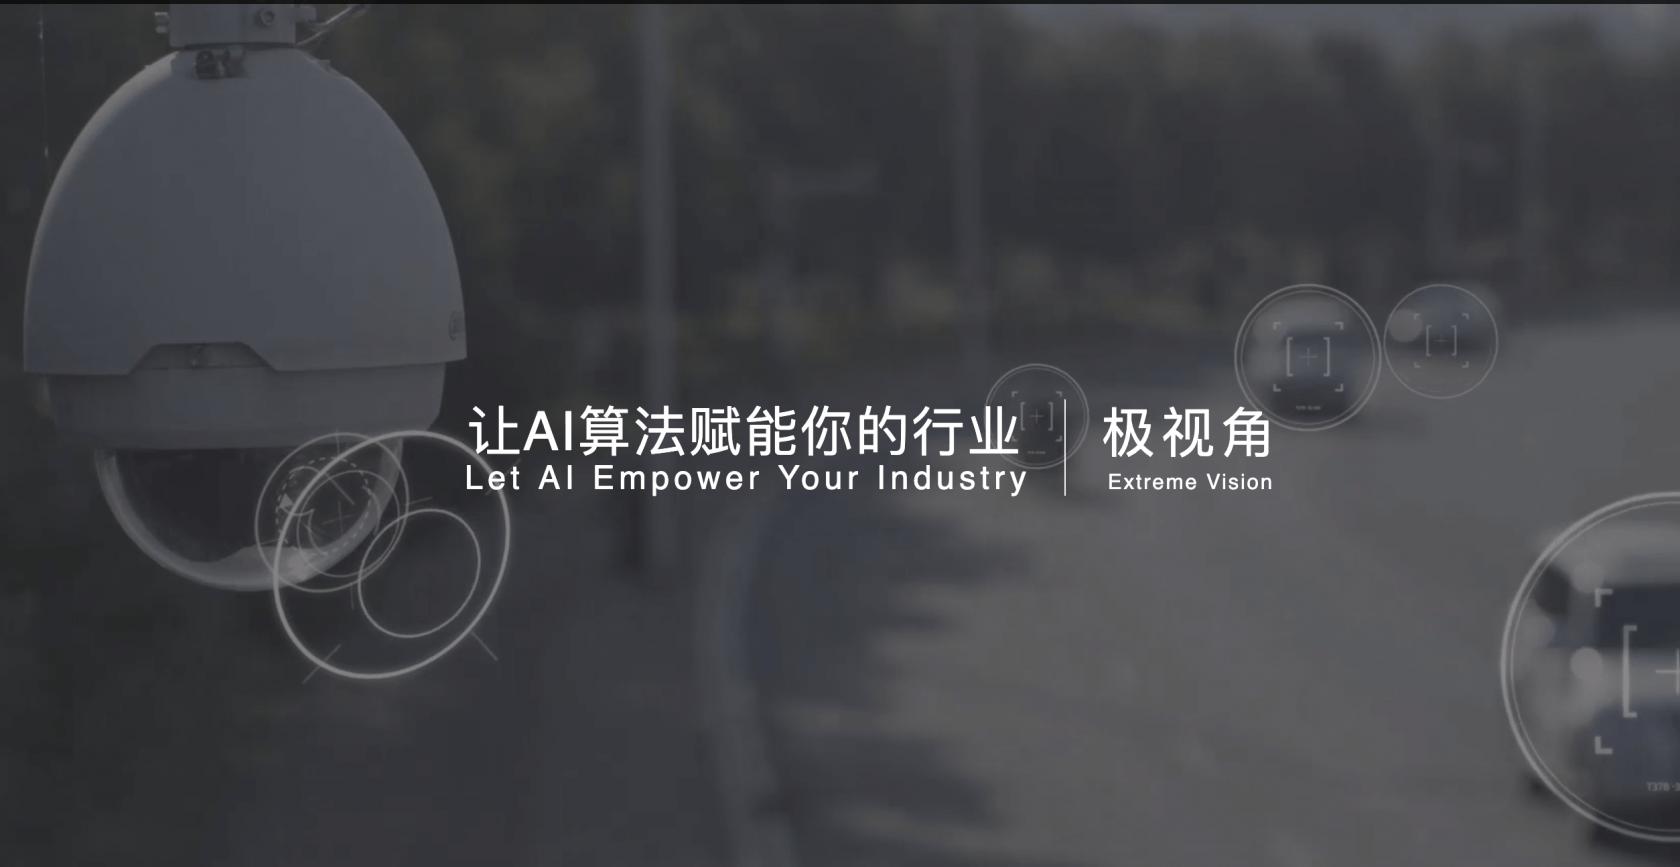 [深圳][15-25k] AI 平台 PHP 工程师